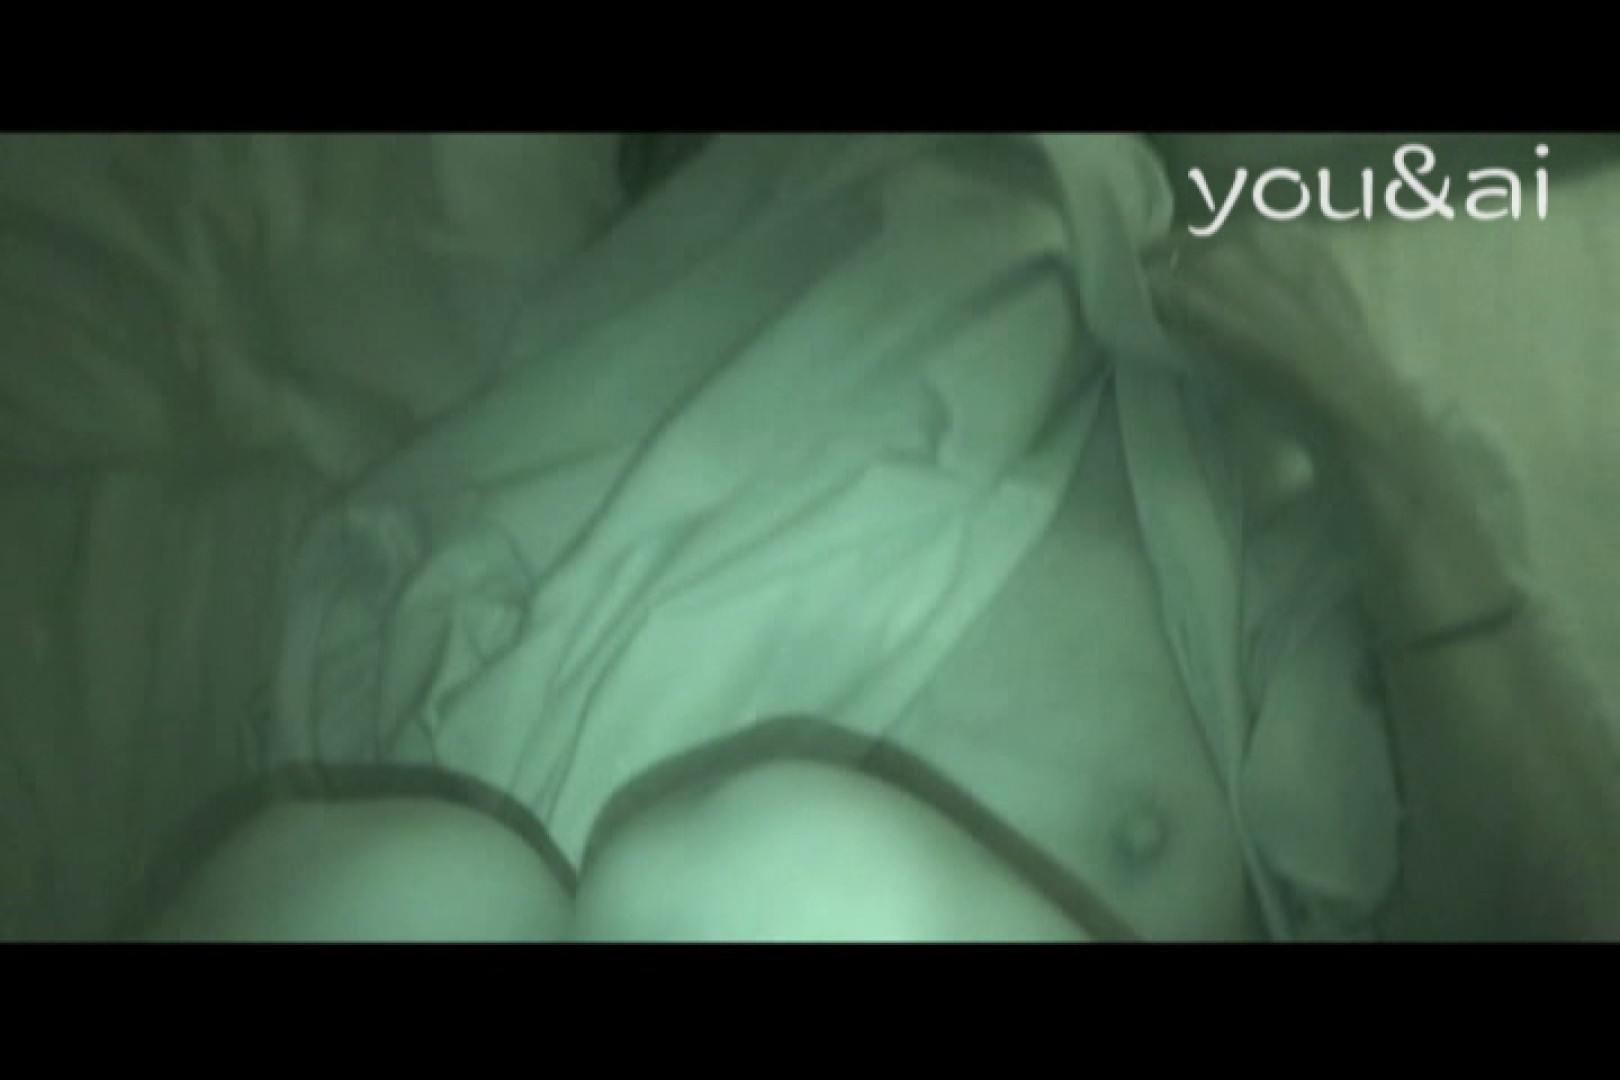 おしどり夫婦のyou&aiさん投稿作品vol.12 ホテル 性交動画流出 81枚 7